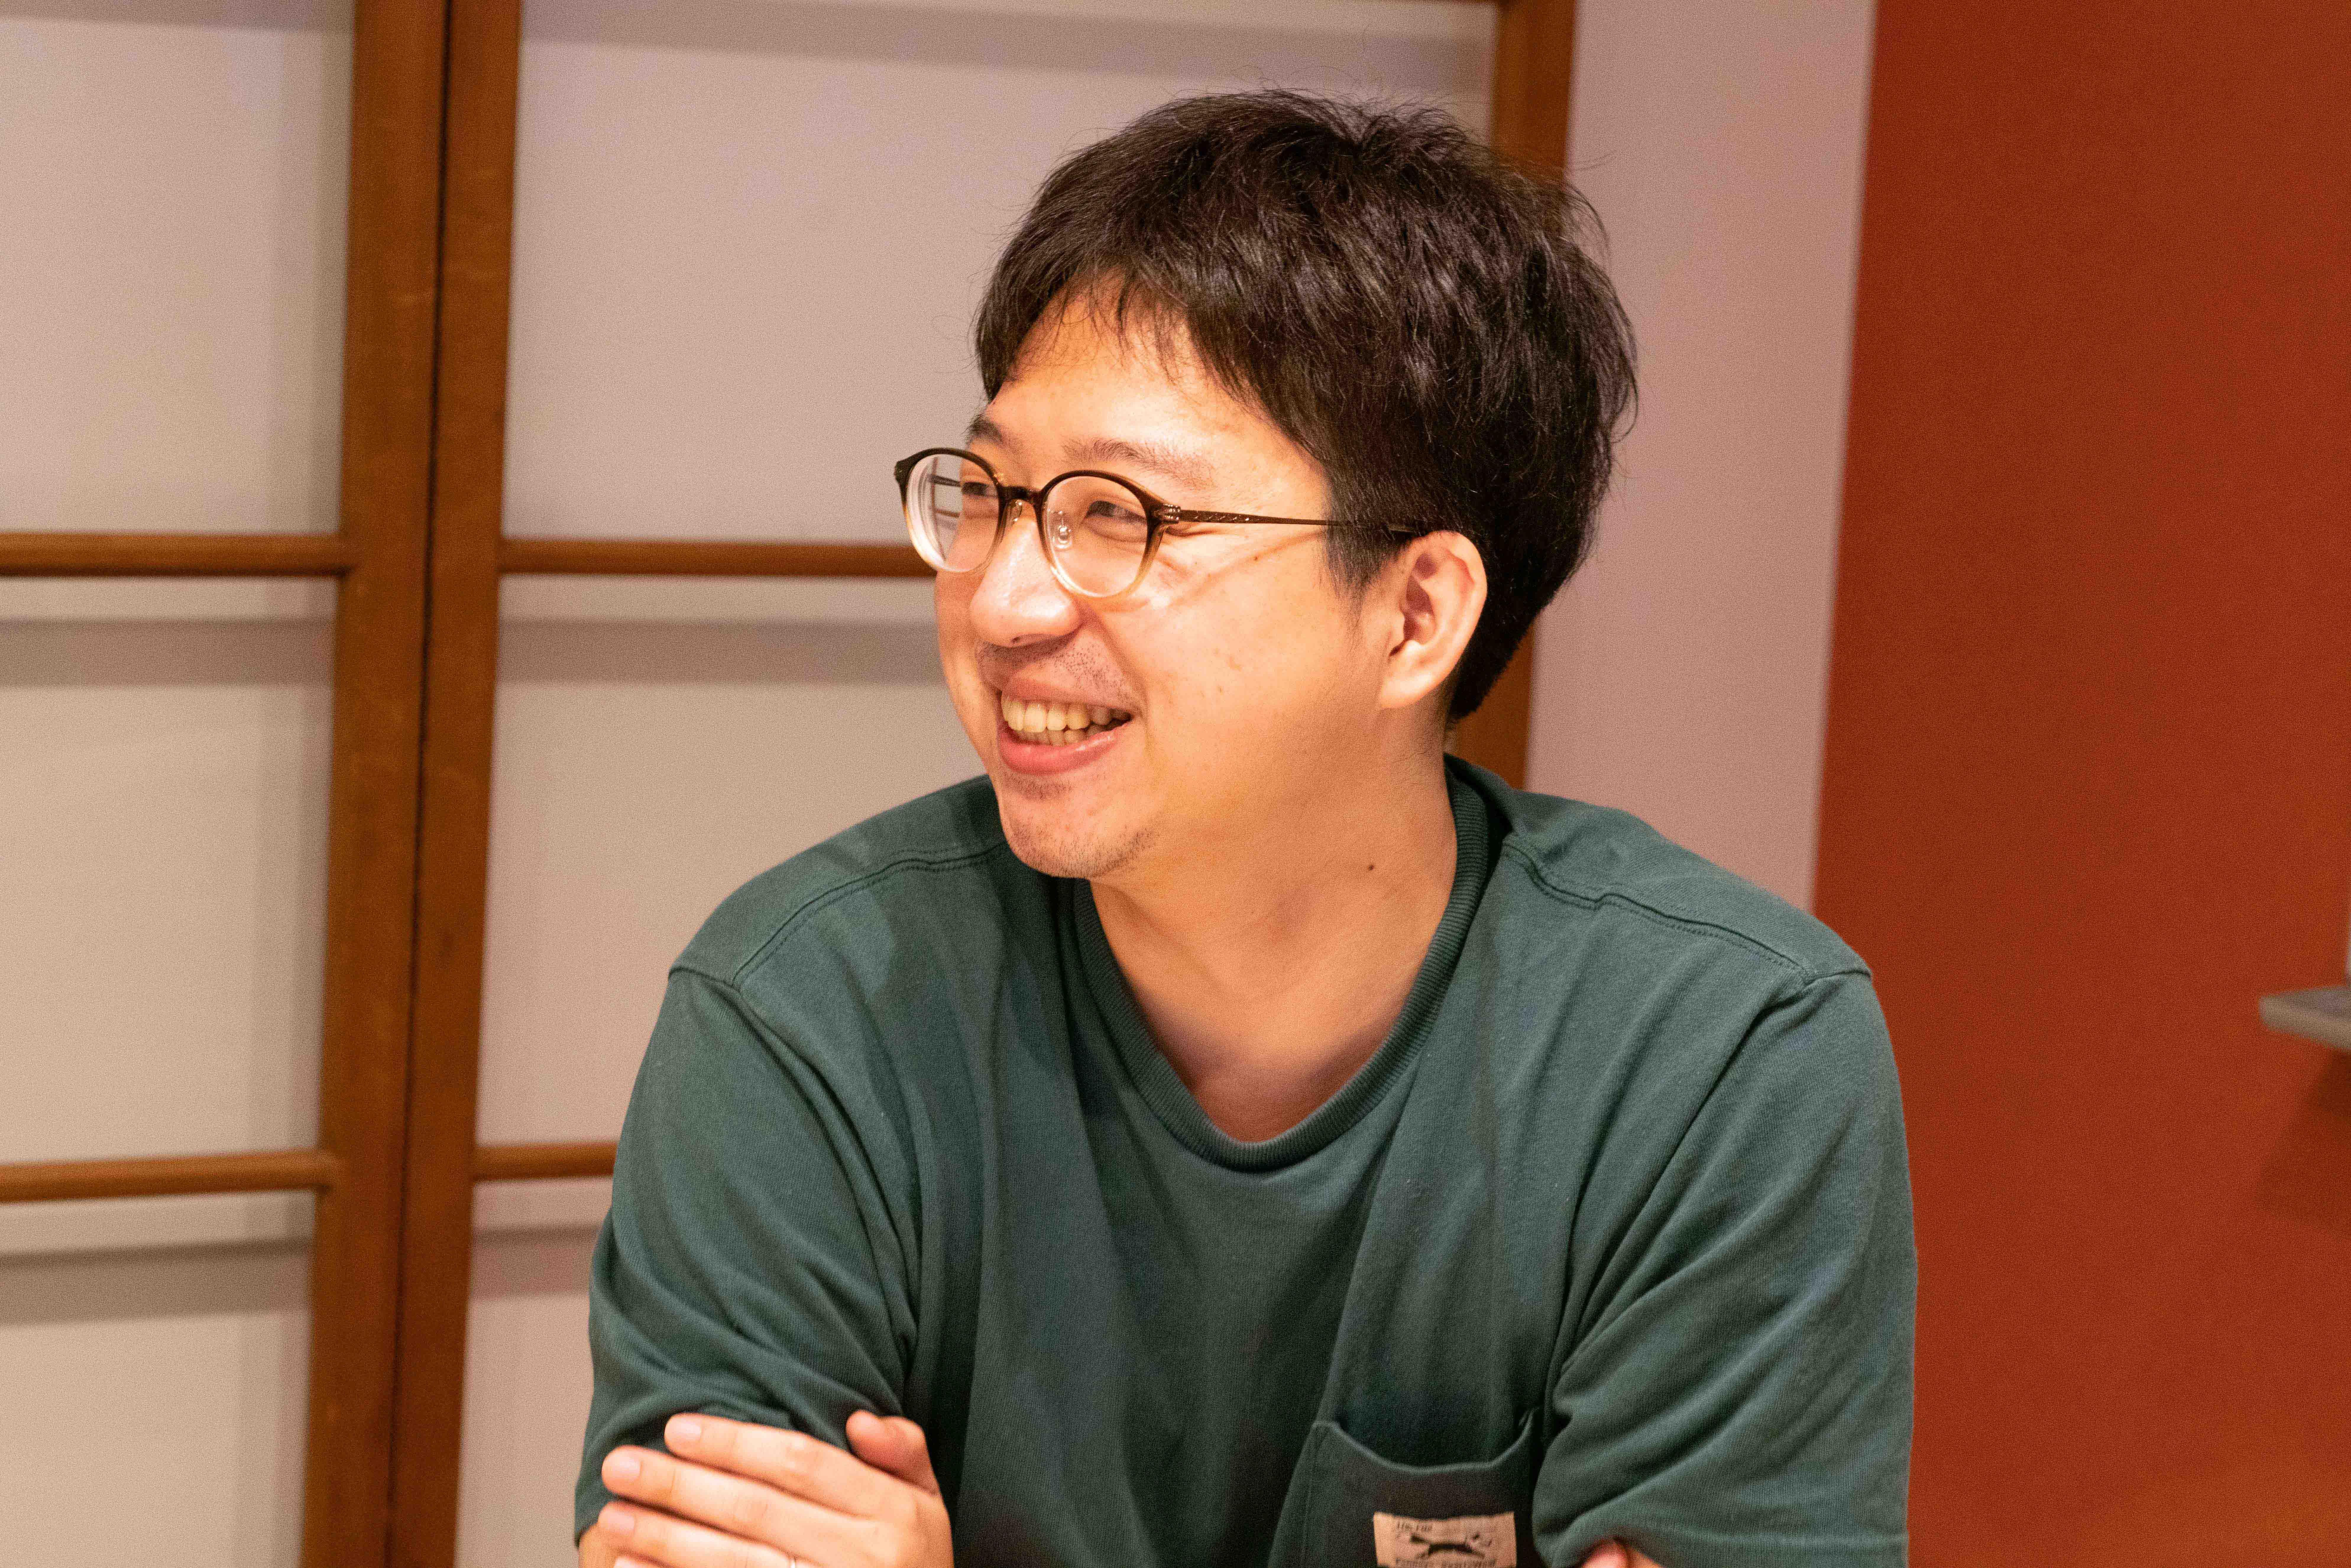 株式会社Loco Partners 川口 達也さんさん